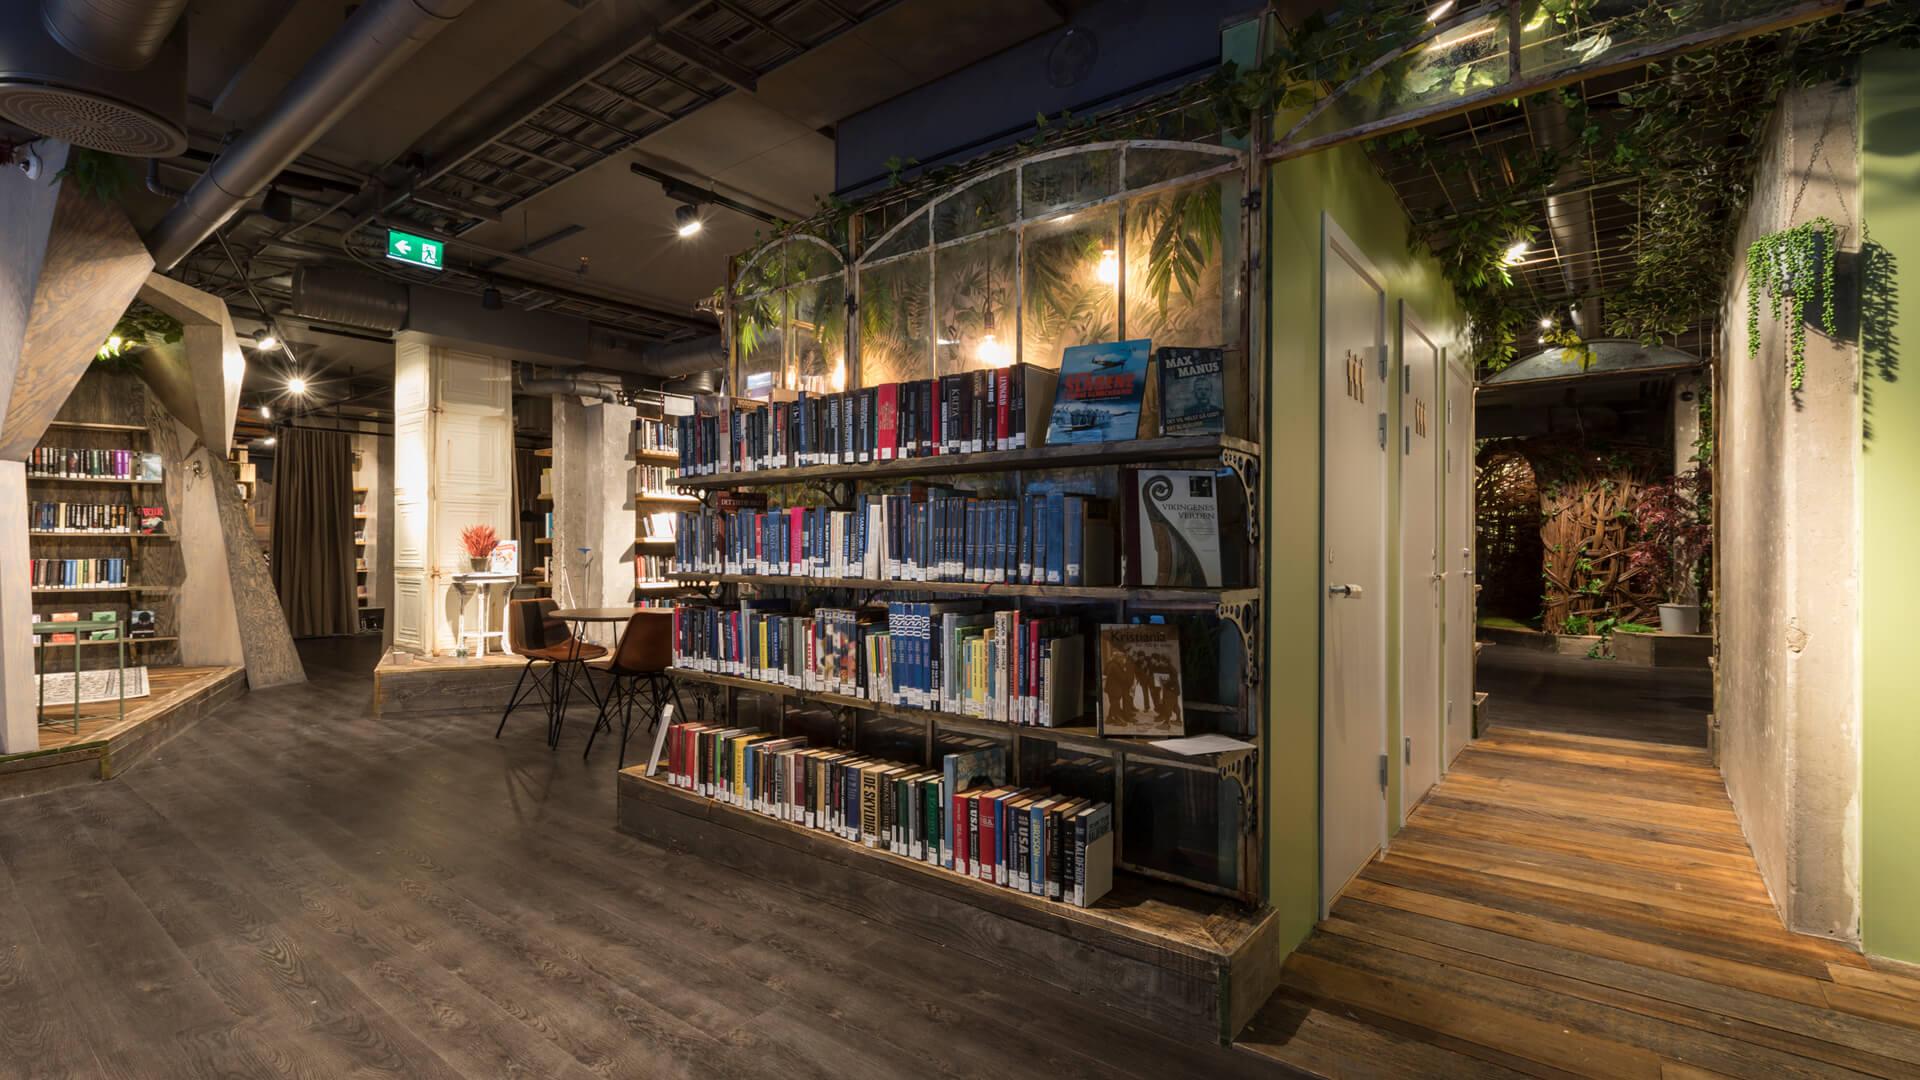 Aatvos_Stovner-Deichman-Oslo_social-library-design16